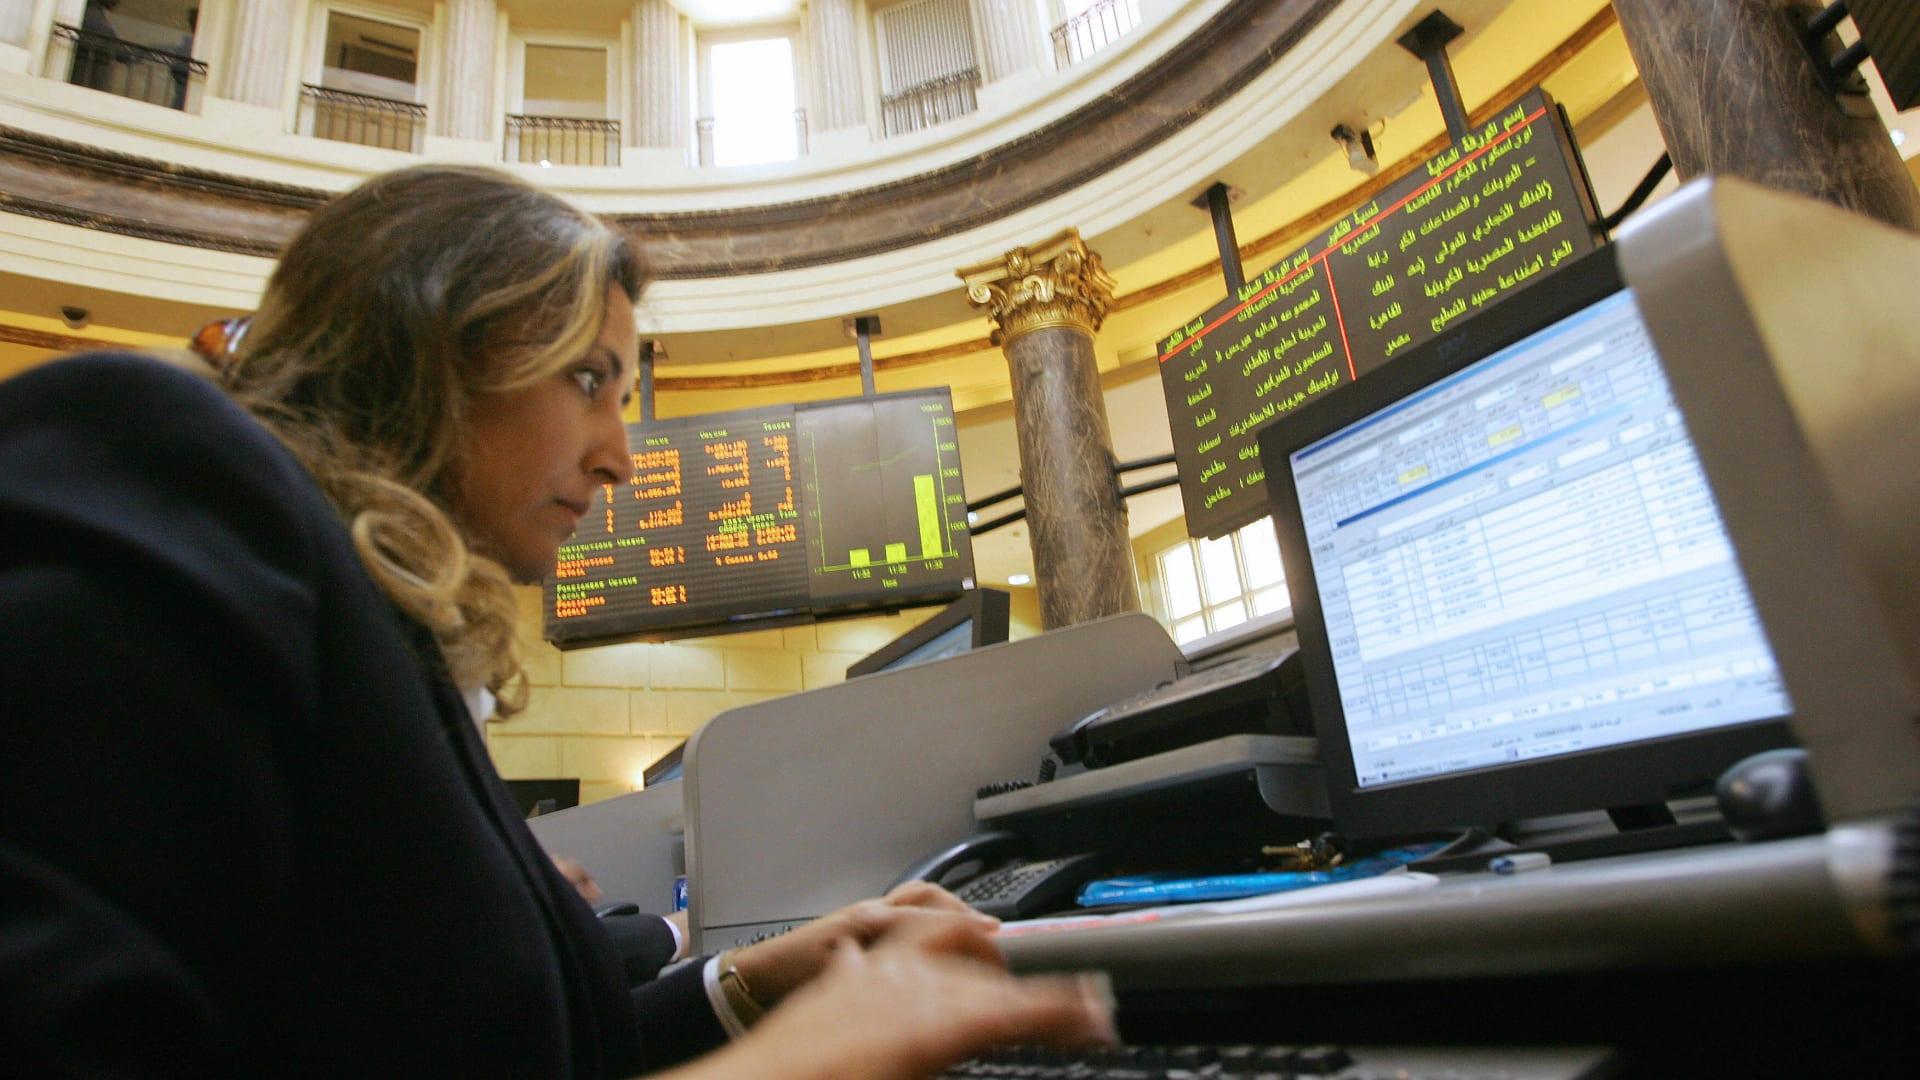 بكم يسهم قطاع التجزئة في الاقتصاد المصري؟ خبراء يجيبون